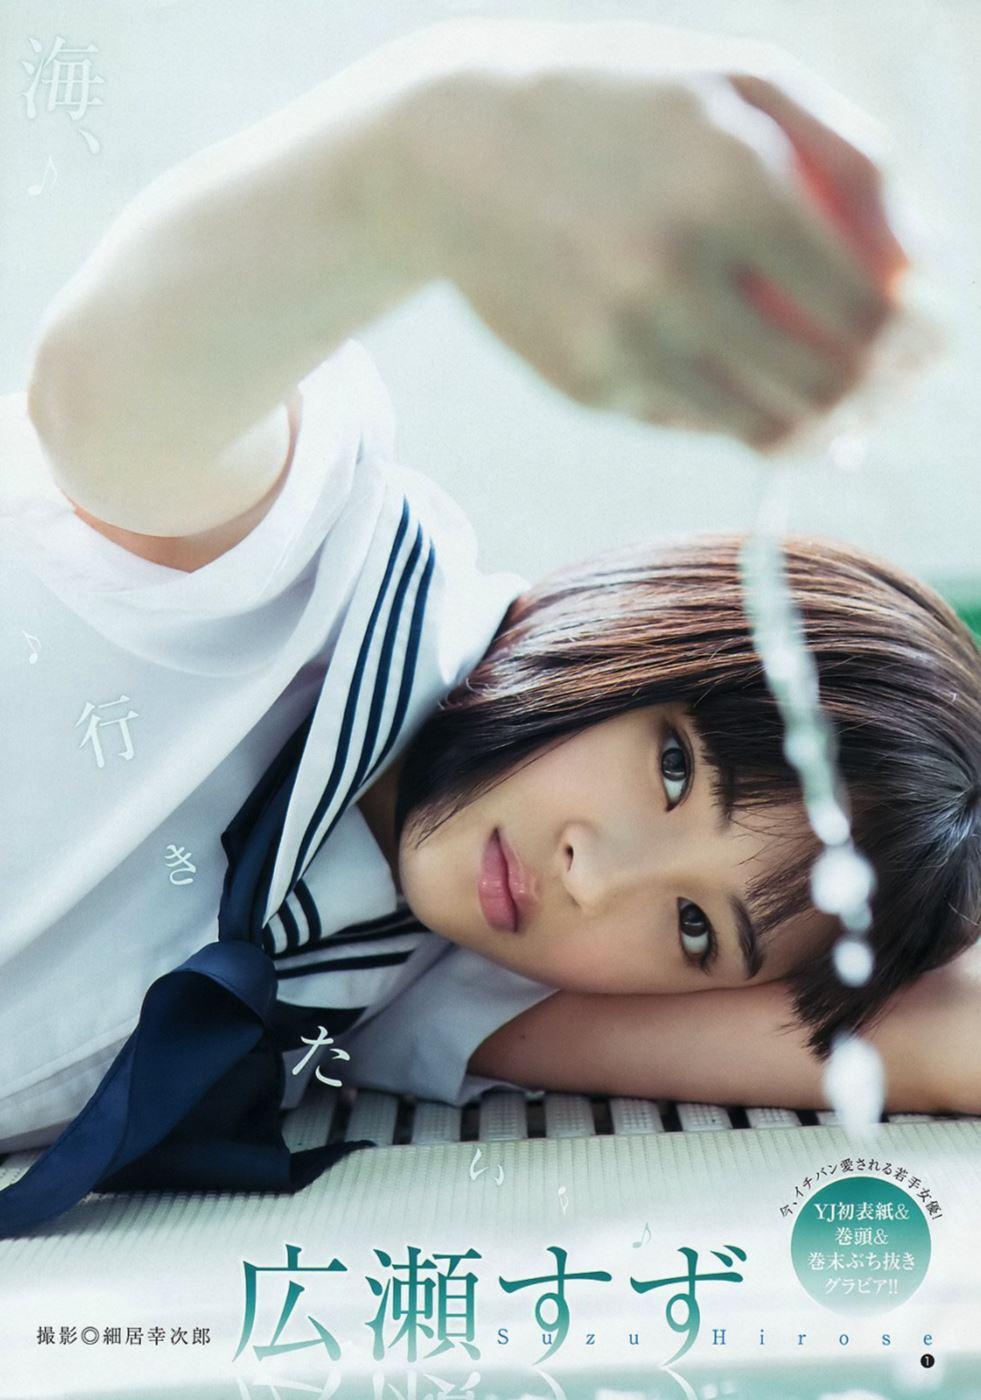 広瀬アリス 広瀬すず 姉妹 かわいい エロ画像 88